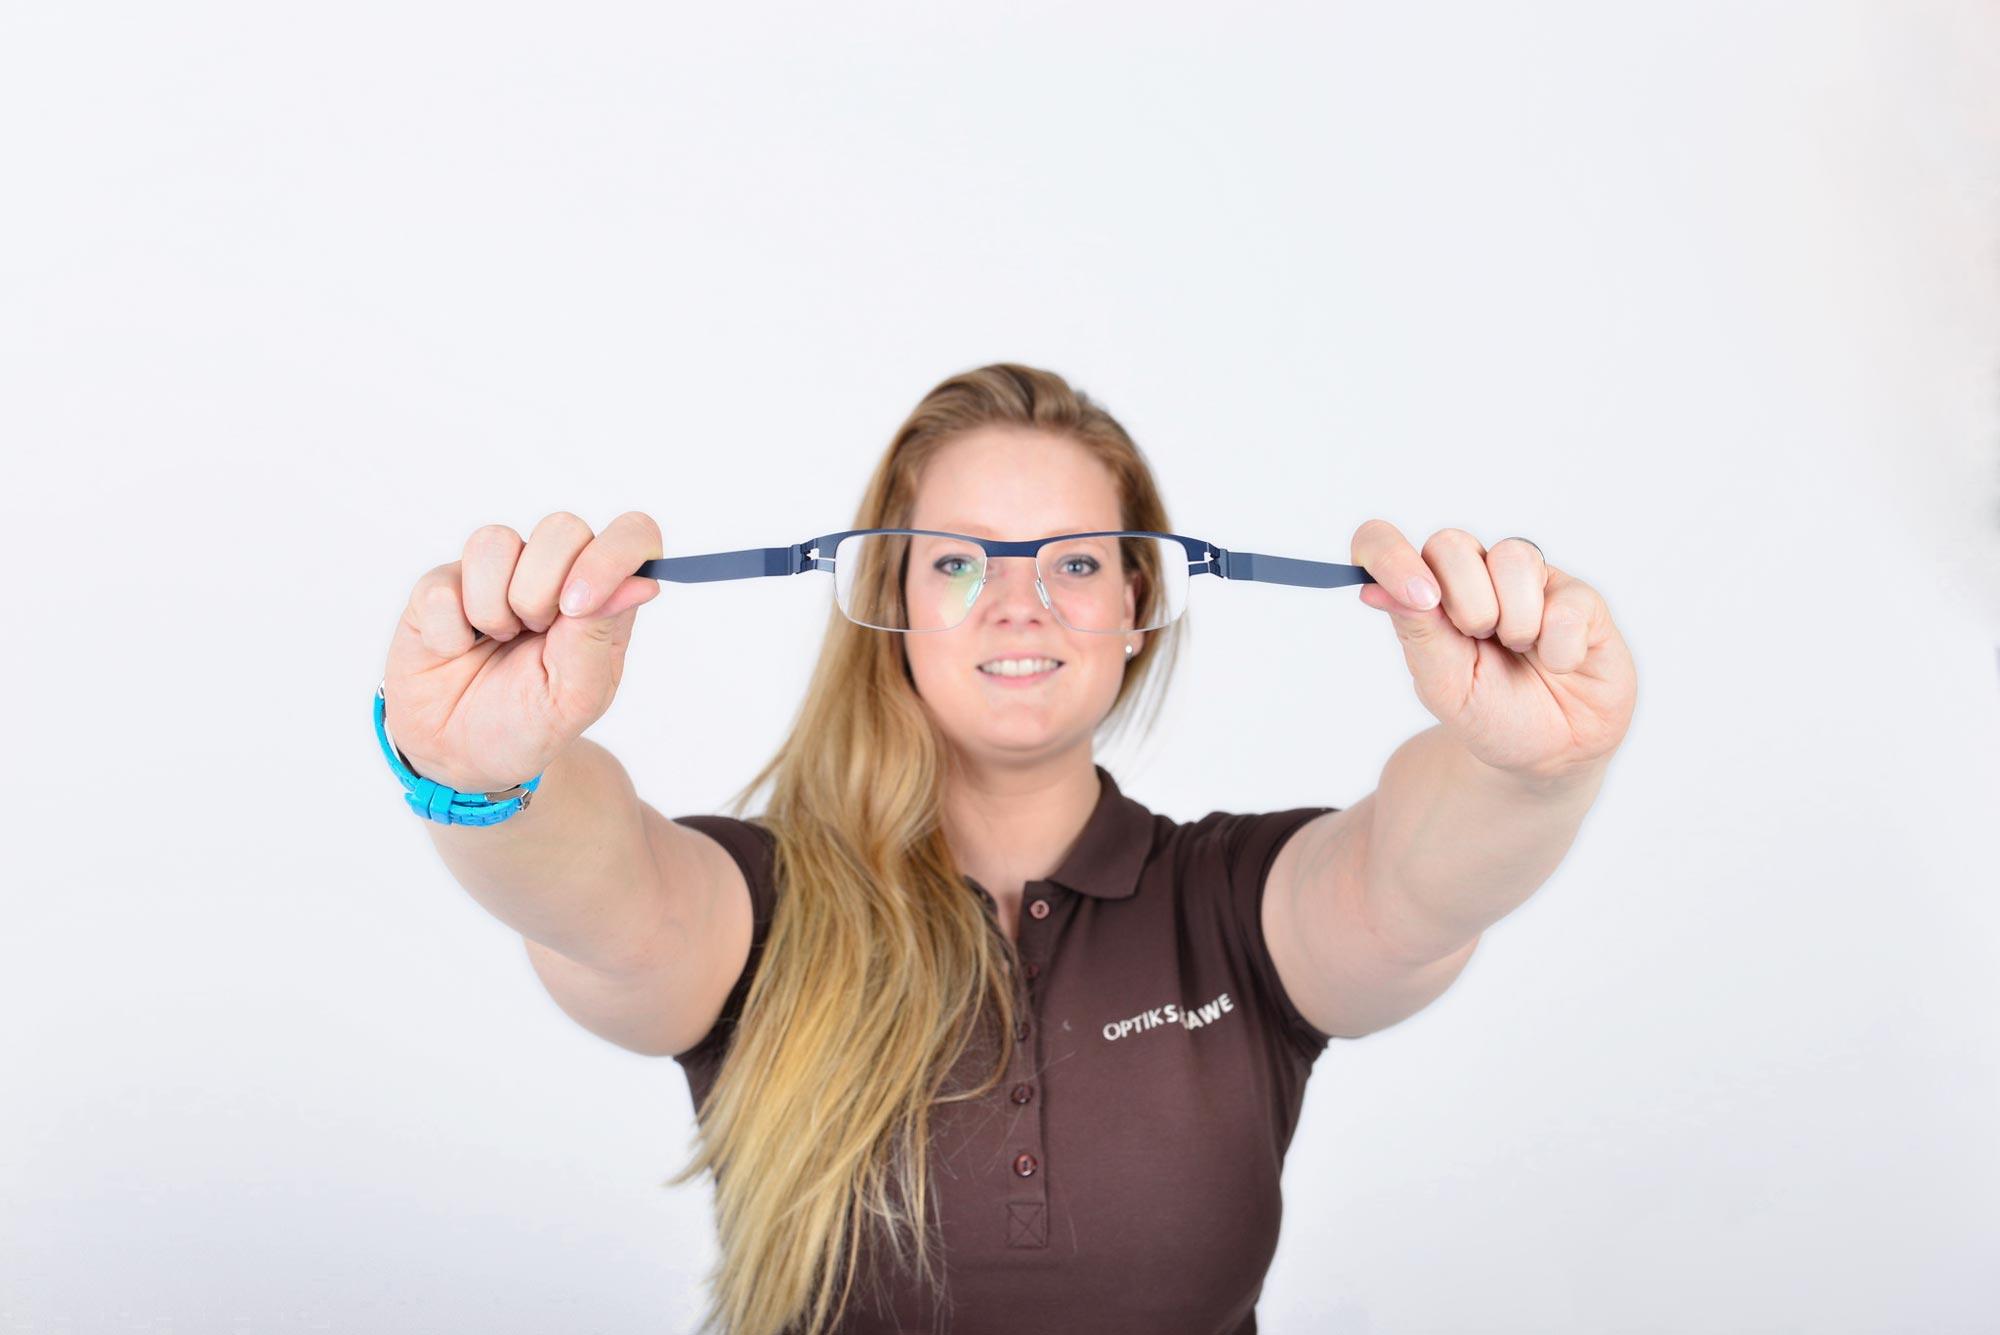 Ihre Absicherung für Ihre neue Brille, auf Bruch, Beschädigung und Diebstahl. Und eine Zuschuss bei Sehstärkenänderung.